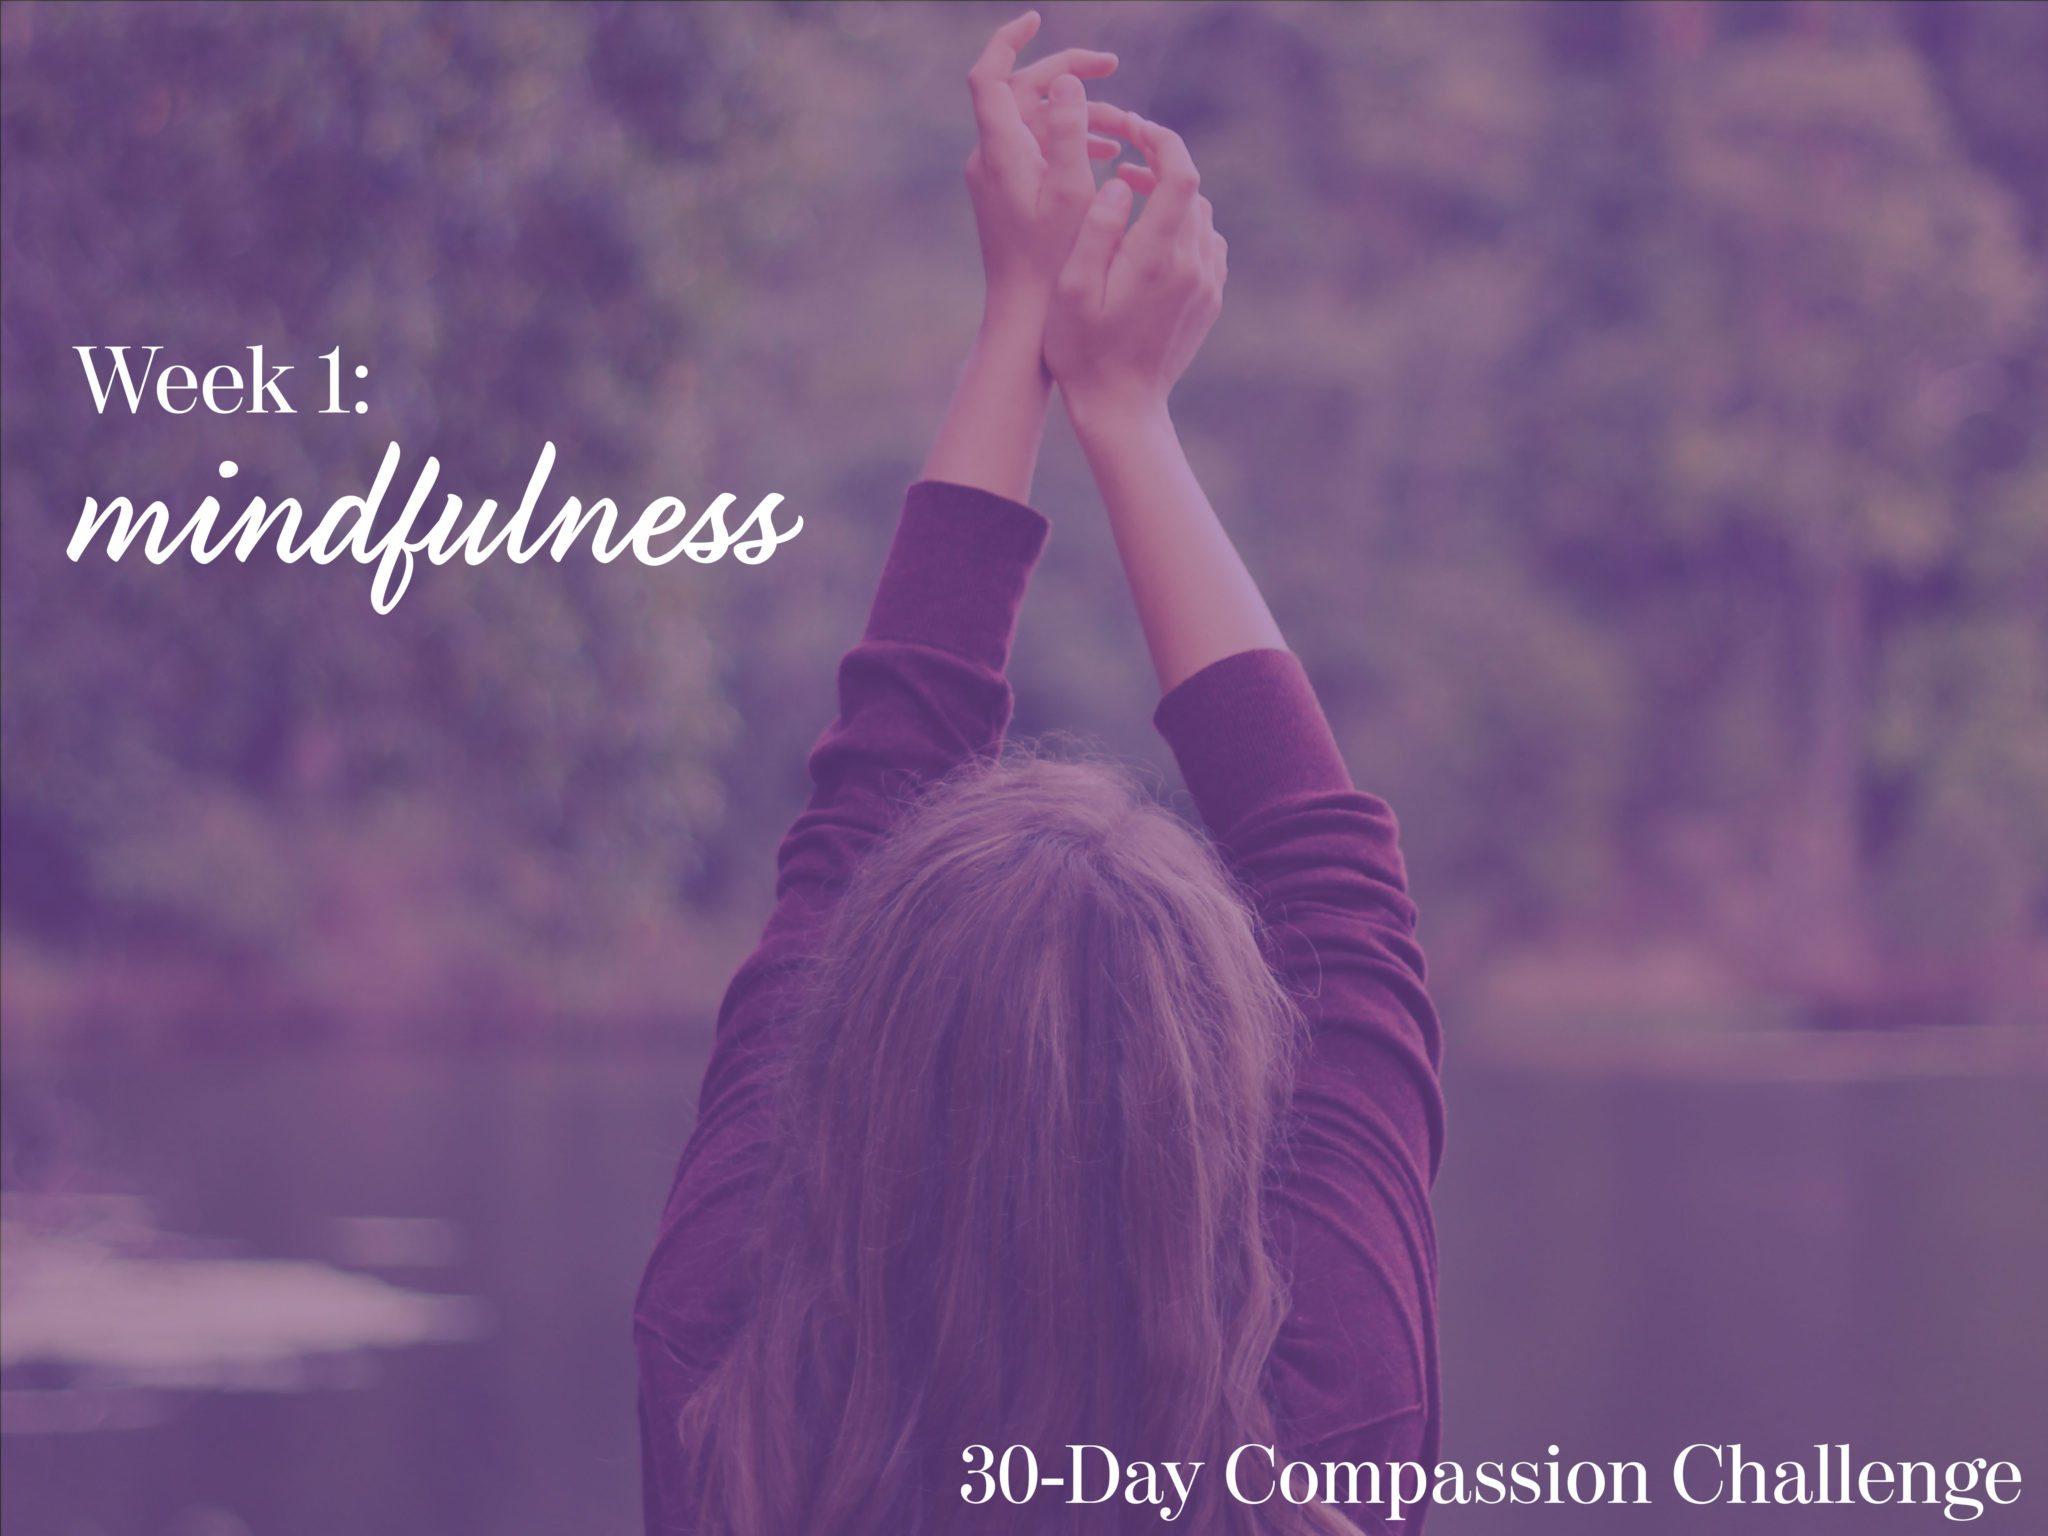 compassion_wk1-01